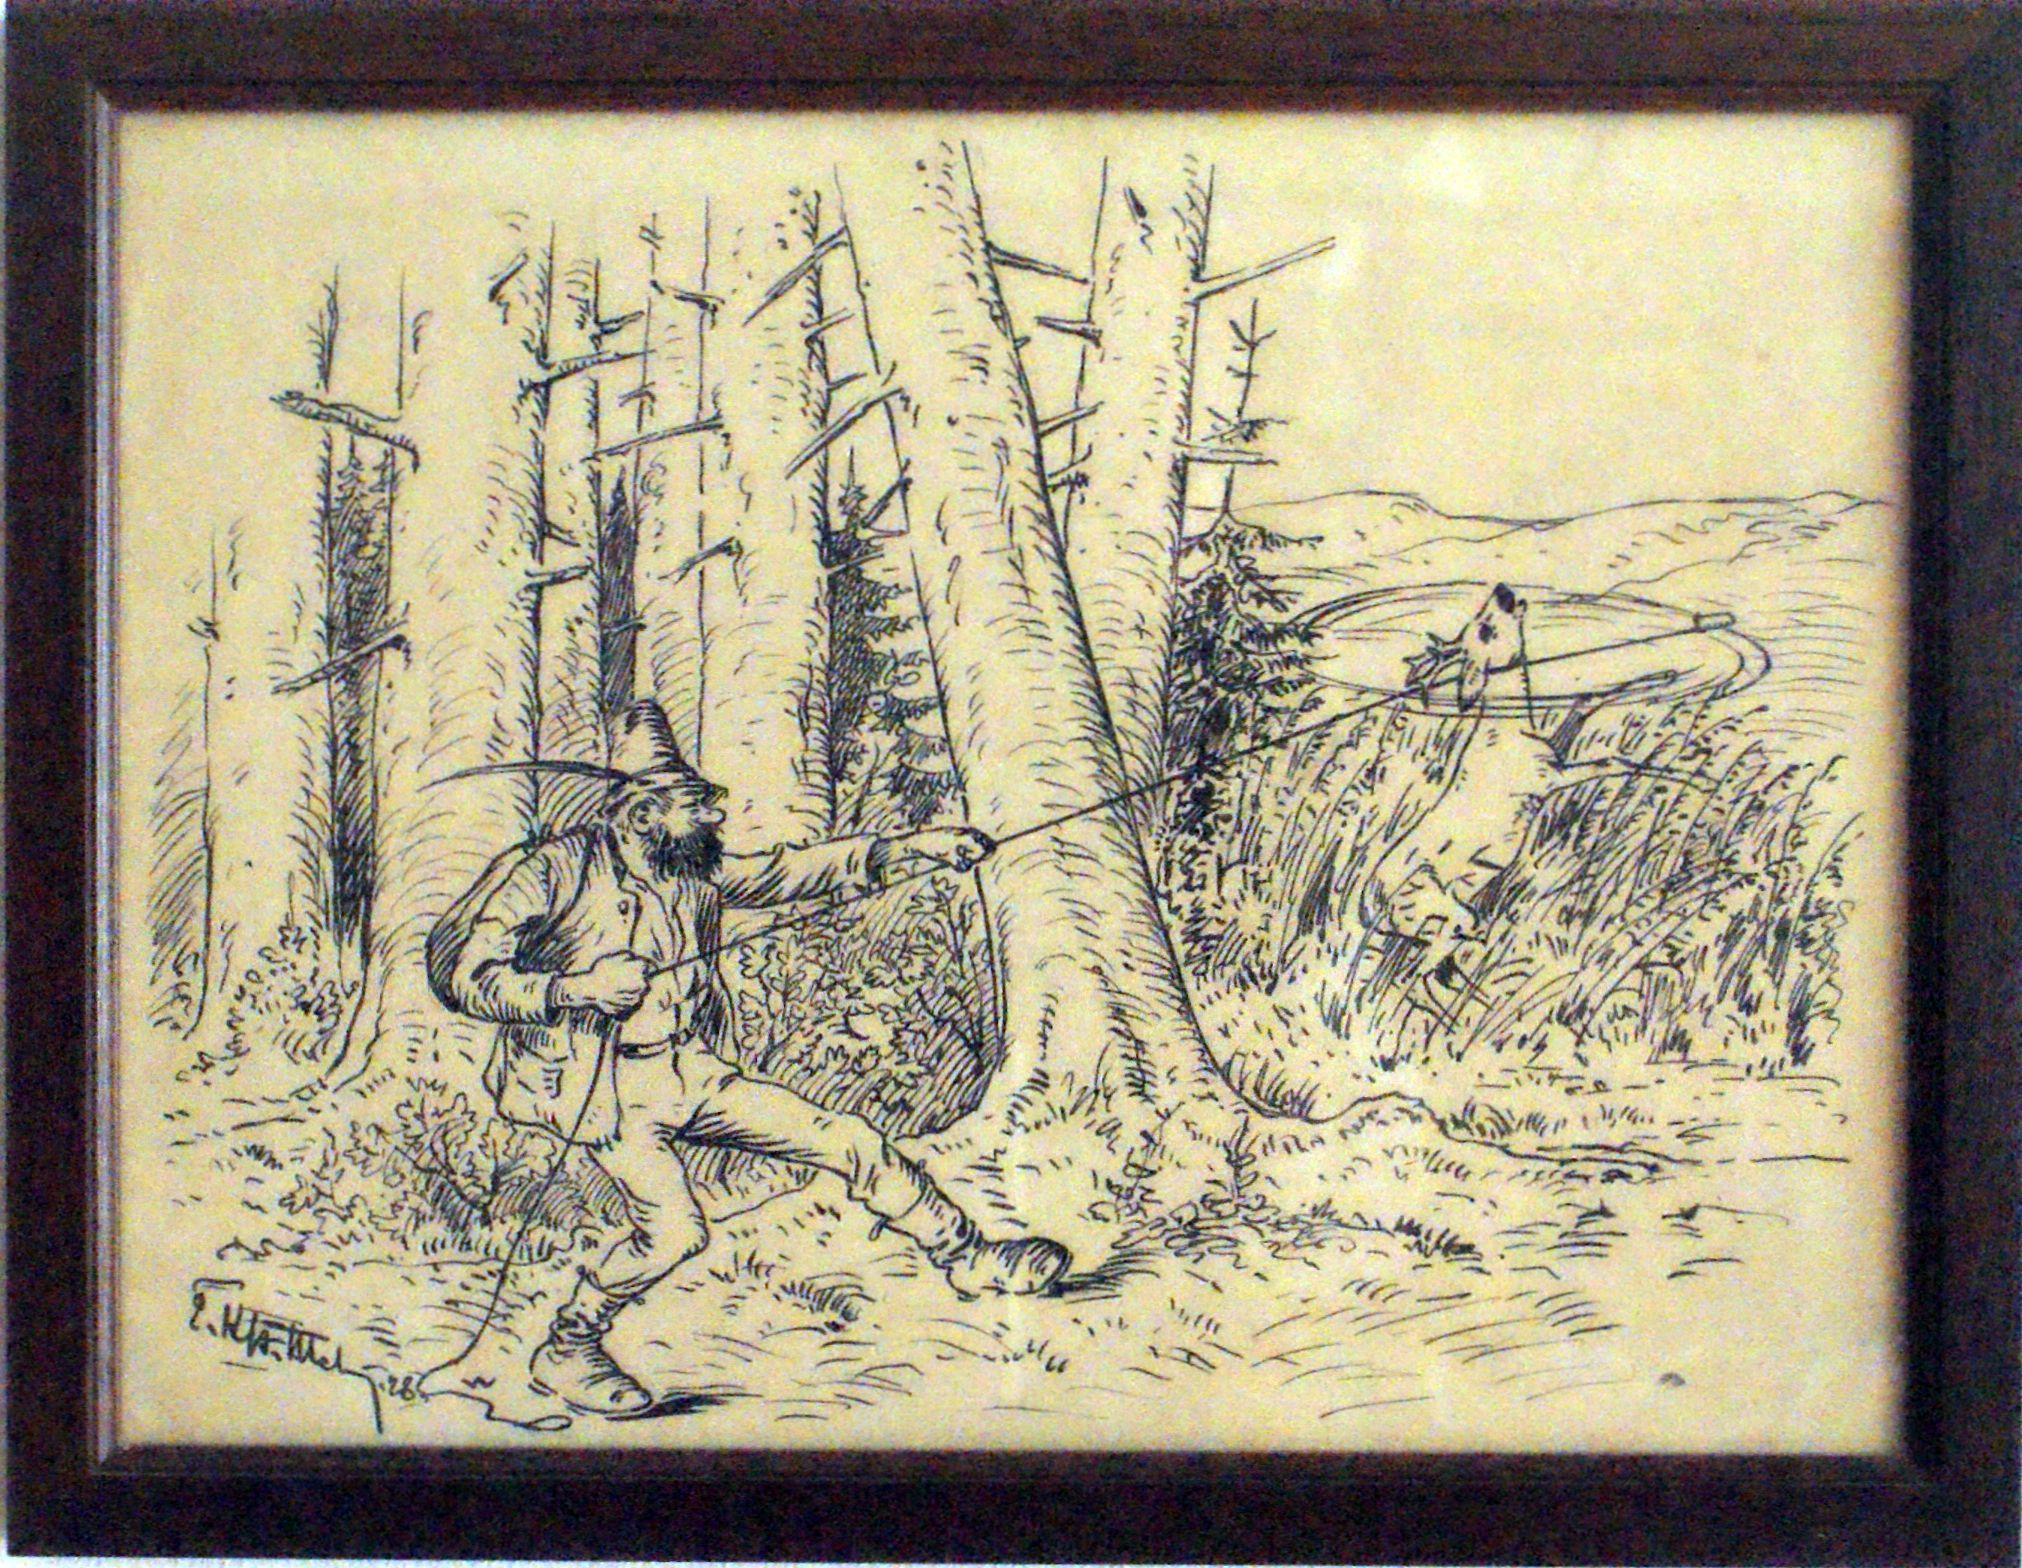 Bild: Das Fingerling-Lasso dient dem Hirschenfang